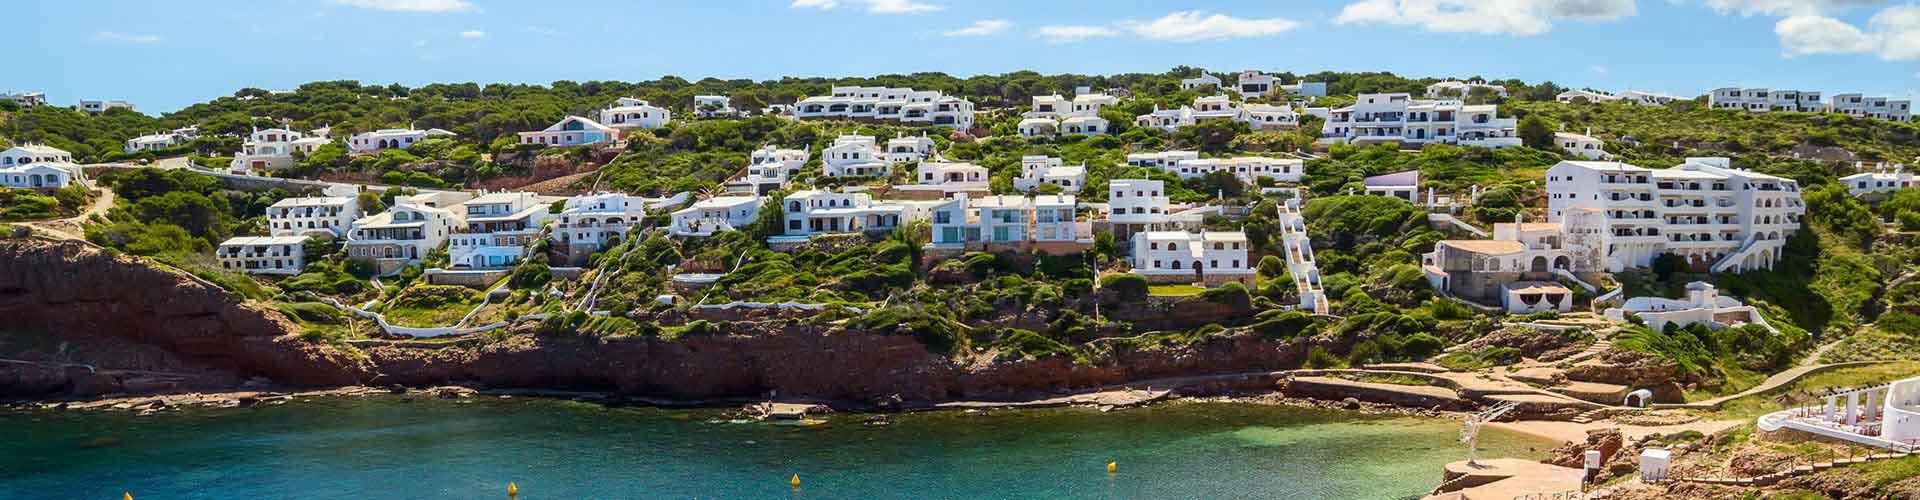 Menorca - Hôtels à Menorca. Cartes pour Menorca, photos et commentaires pour chaque hôtel à Menorca.